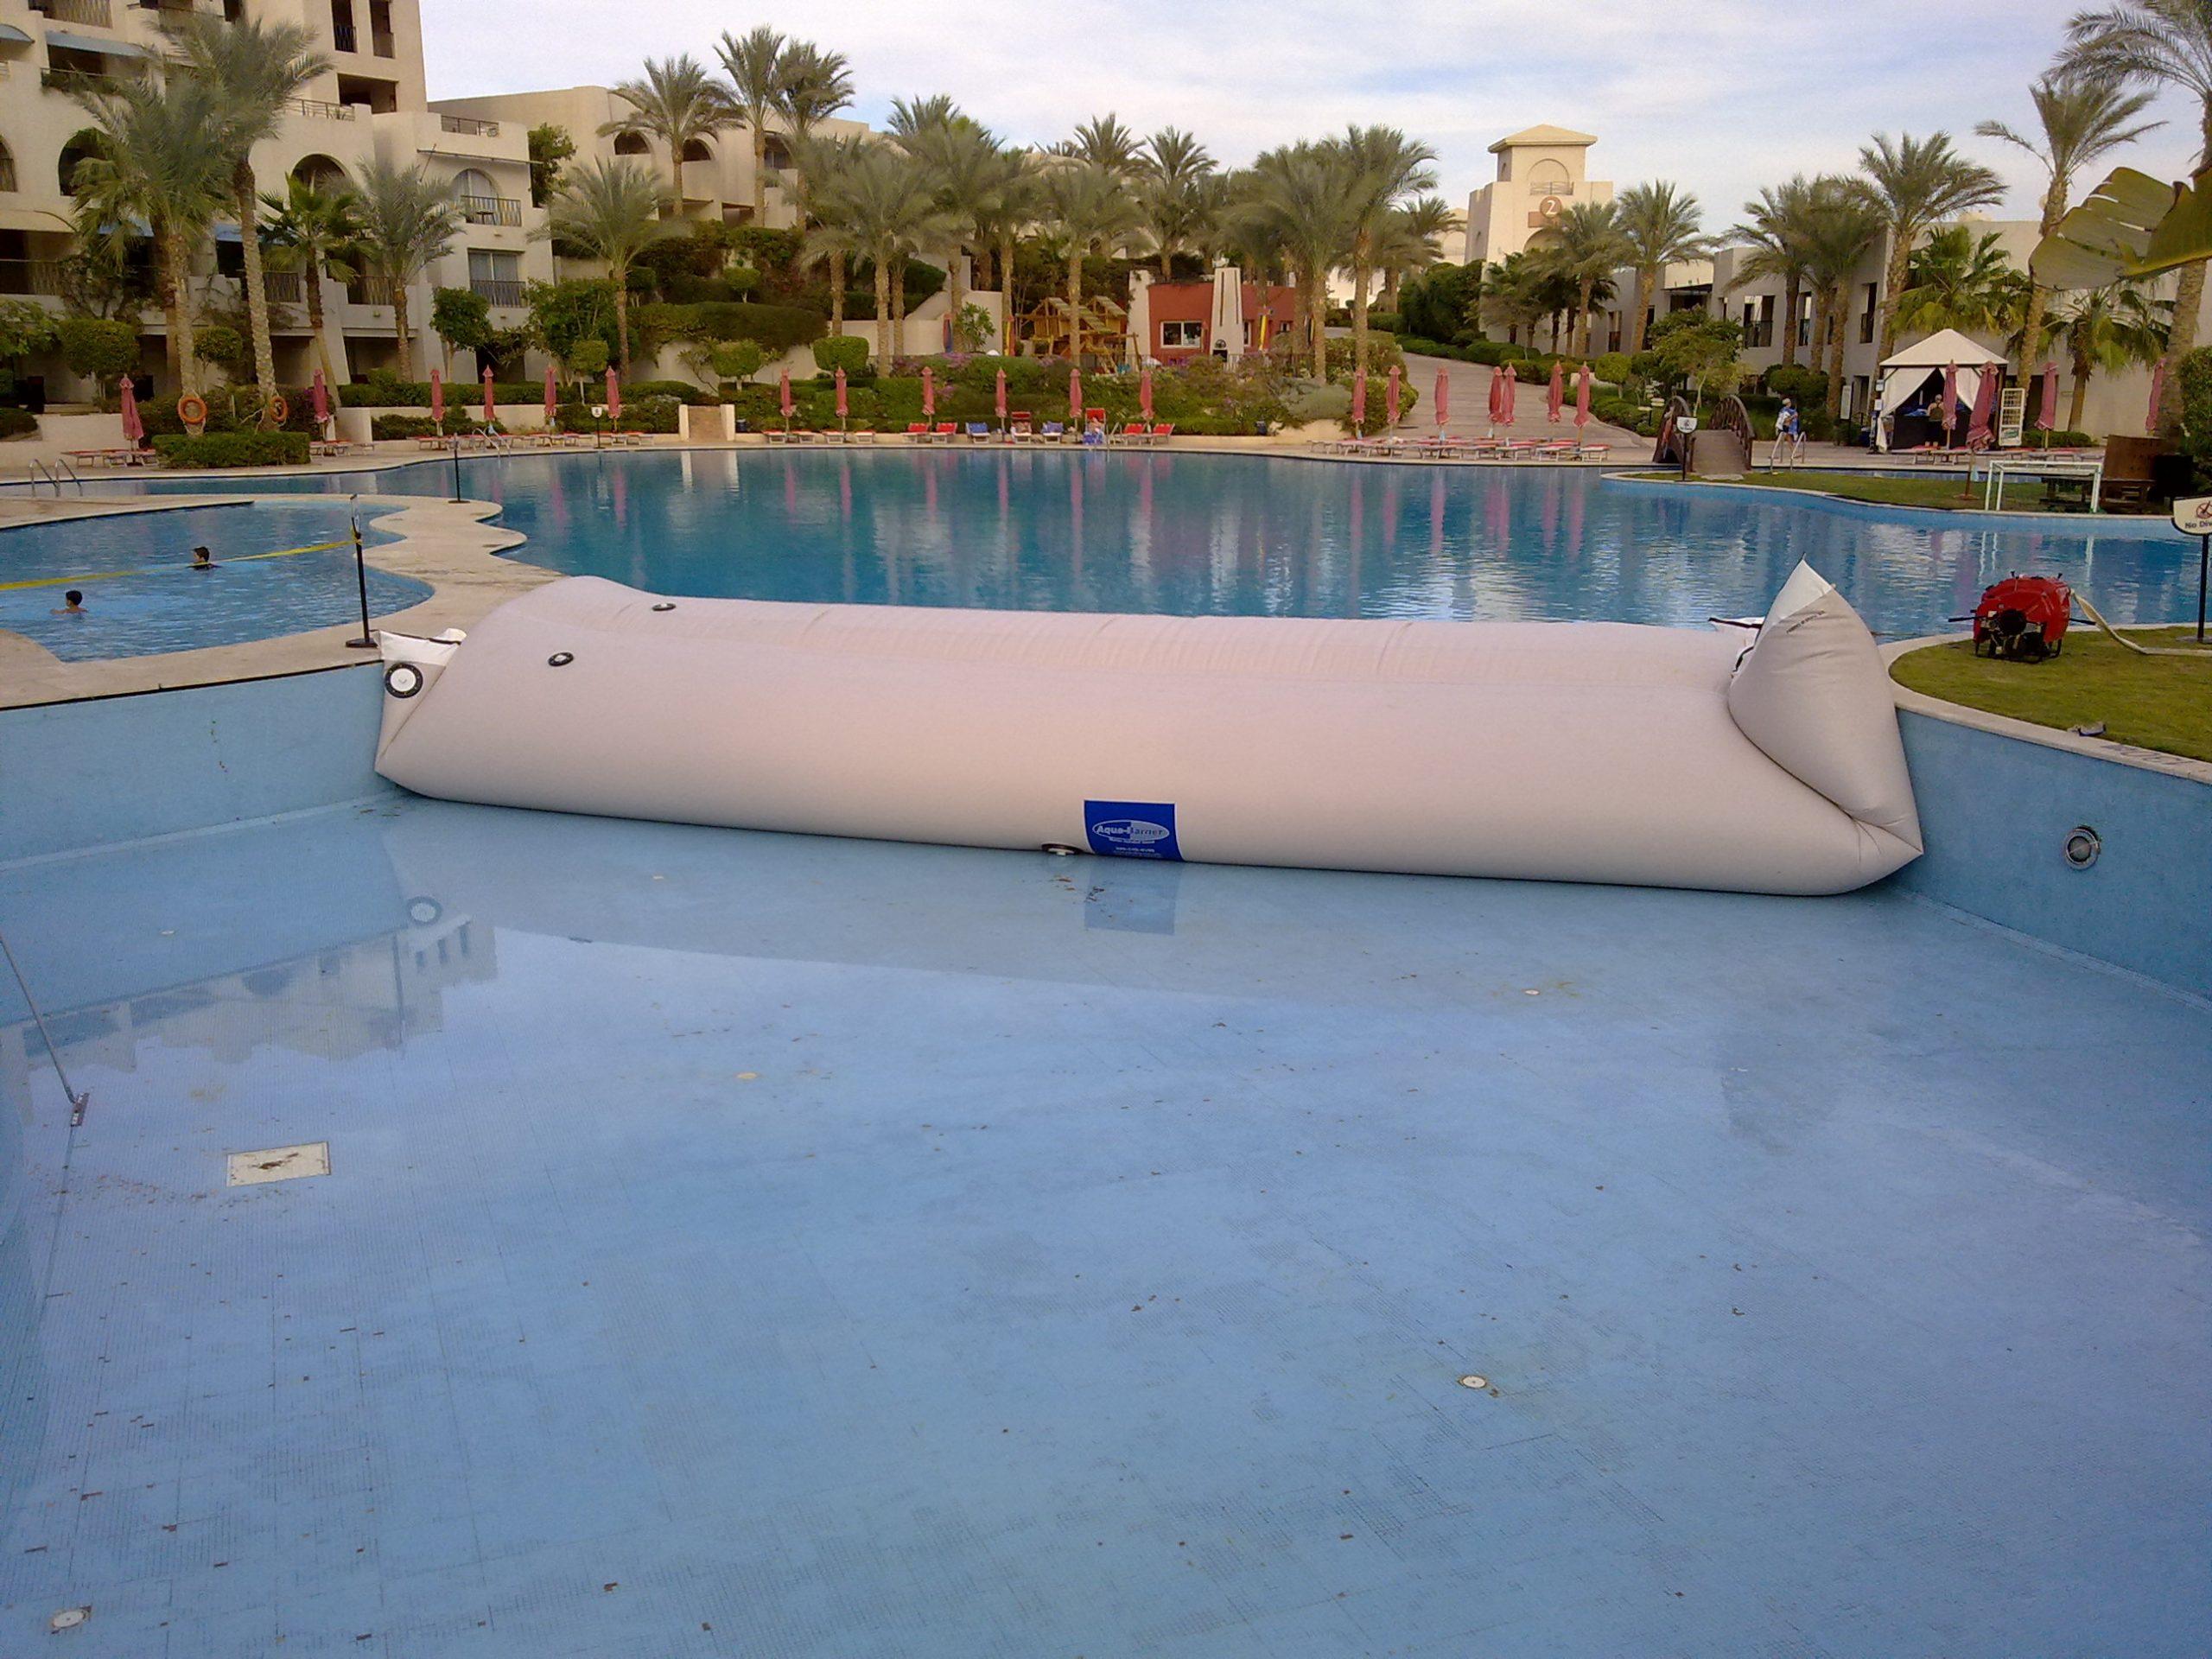 Pool Surface Repair, Pool Water Bladder Rental, HSI Services